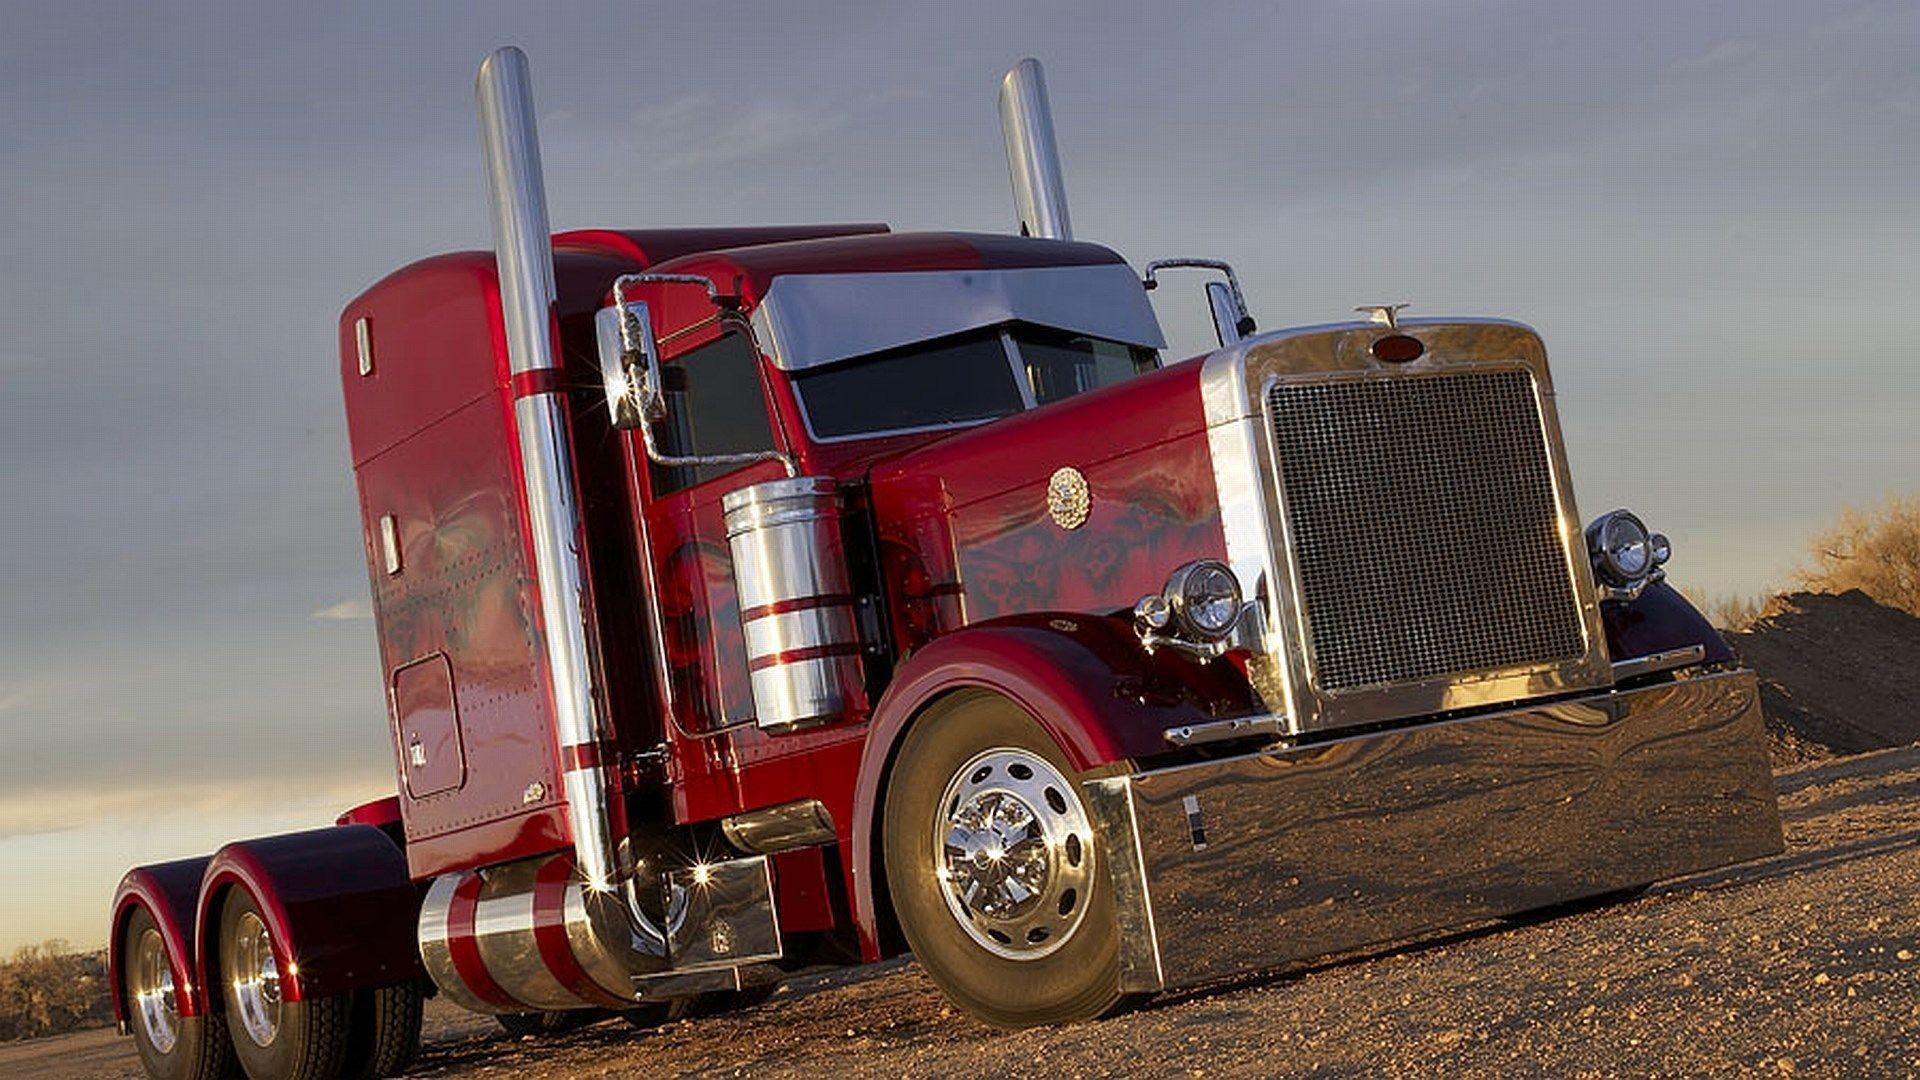 Cool Semi Truck Wallpaper